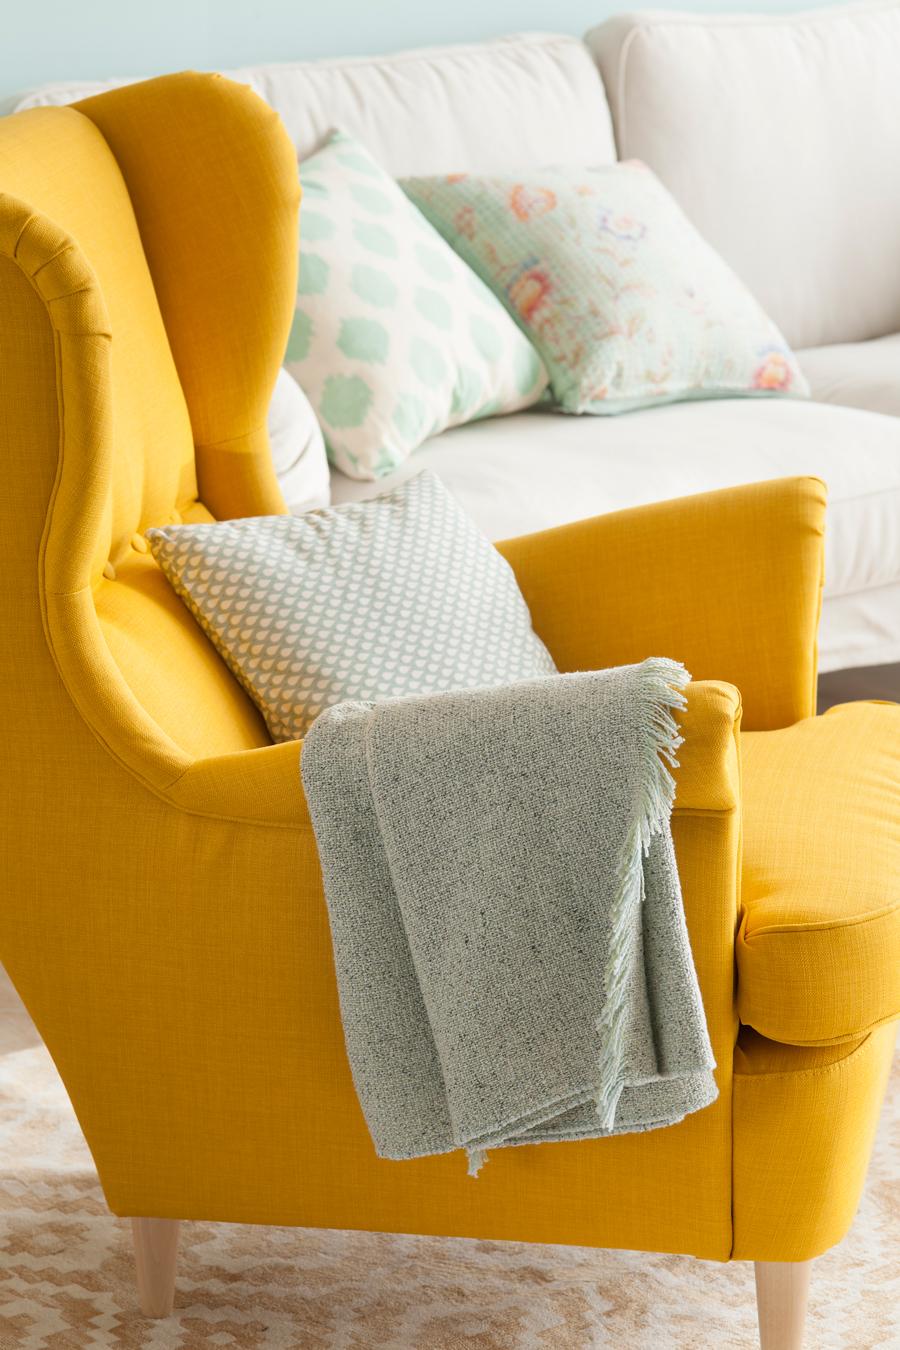 00442766 O. Butaca amarilla y plaid gris 00442766 O